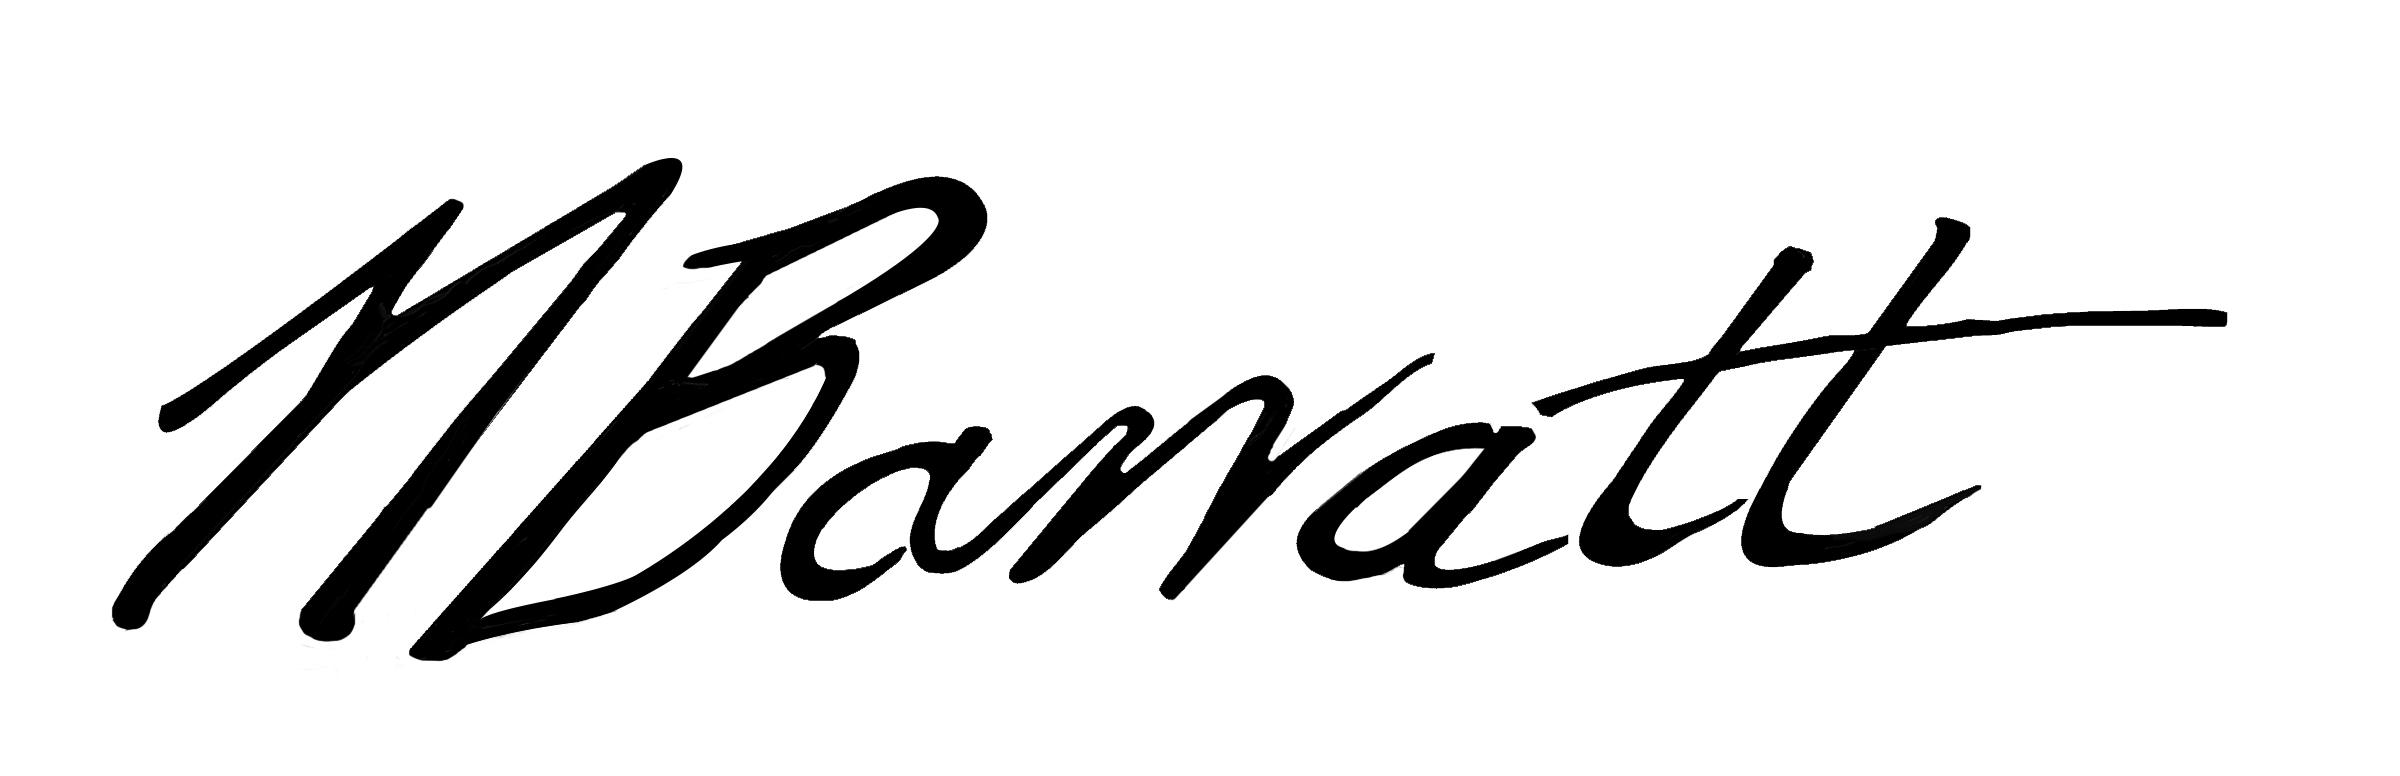 Nina Barratt's Signature